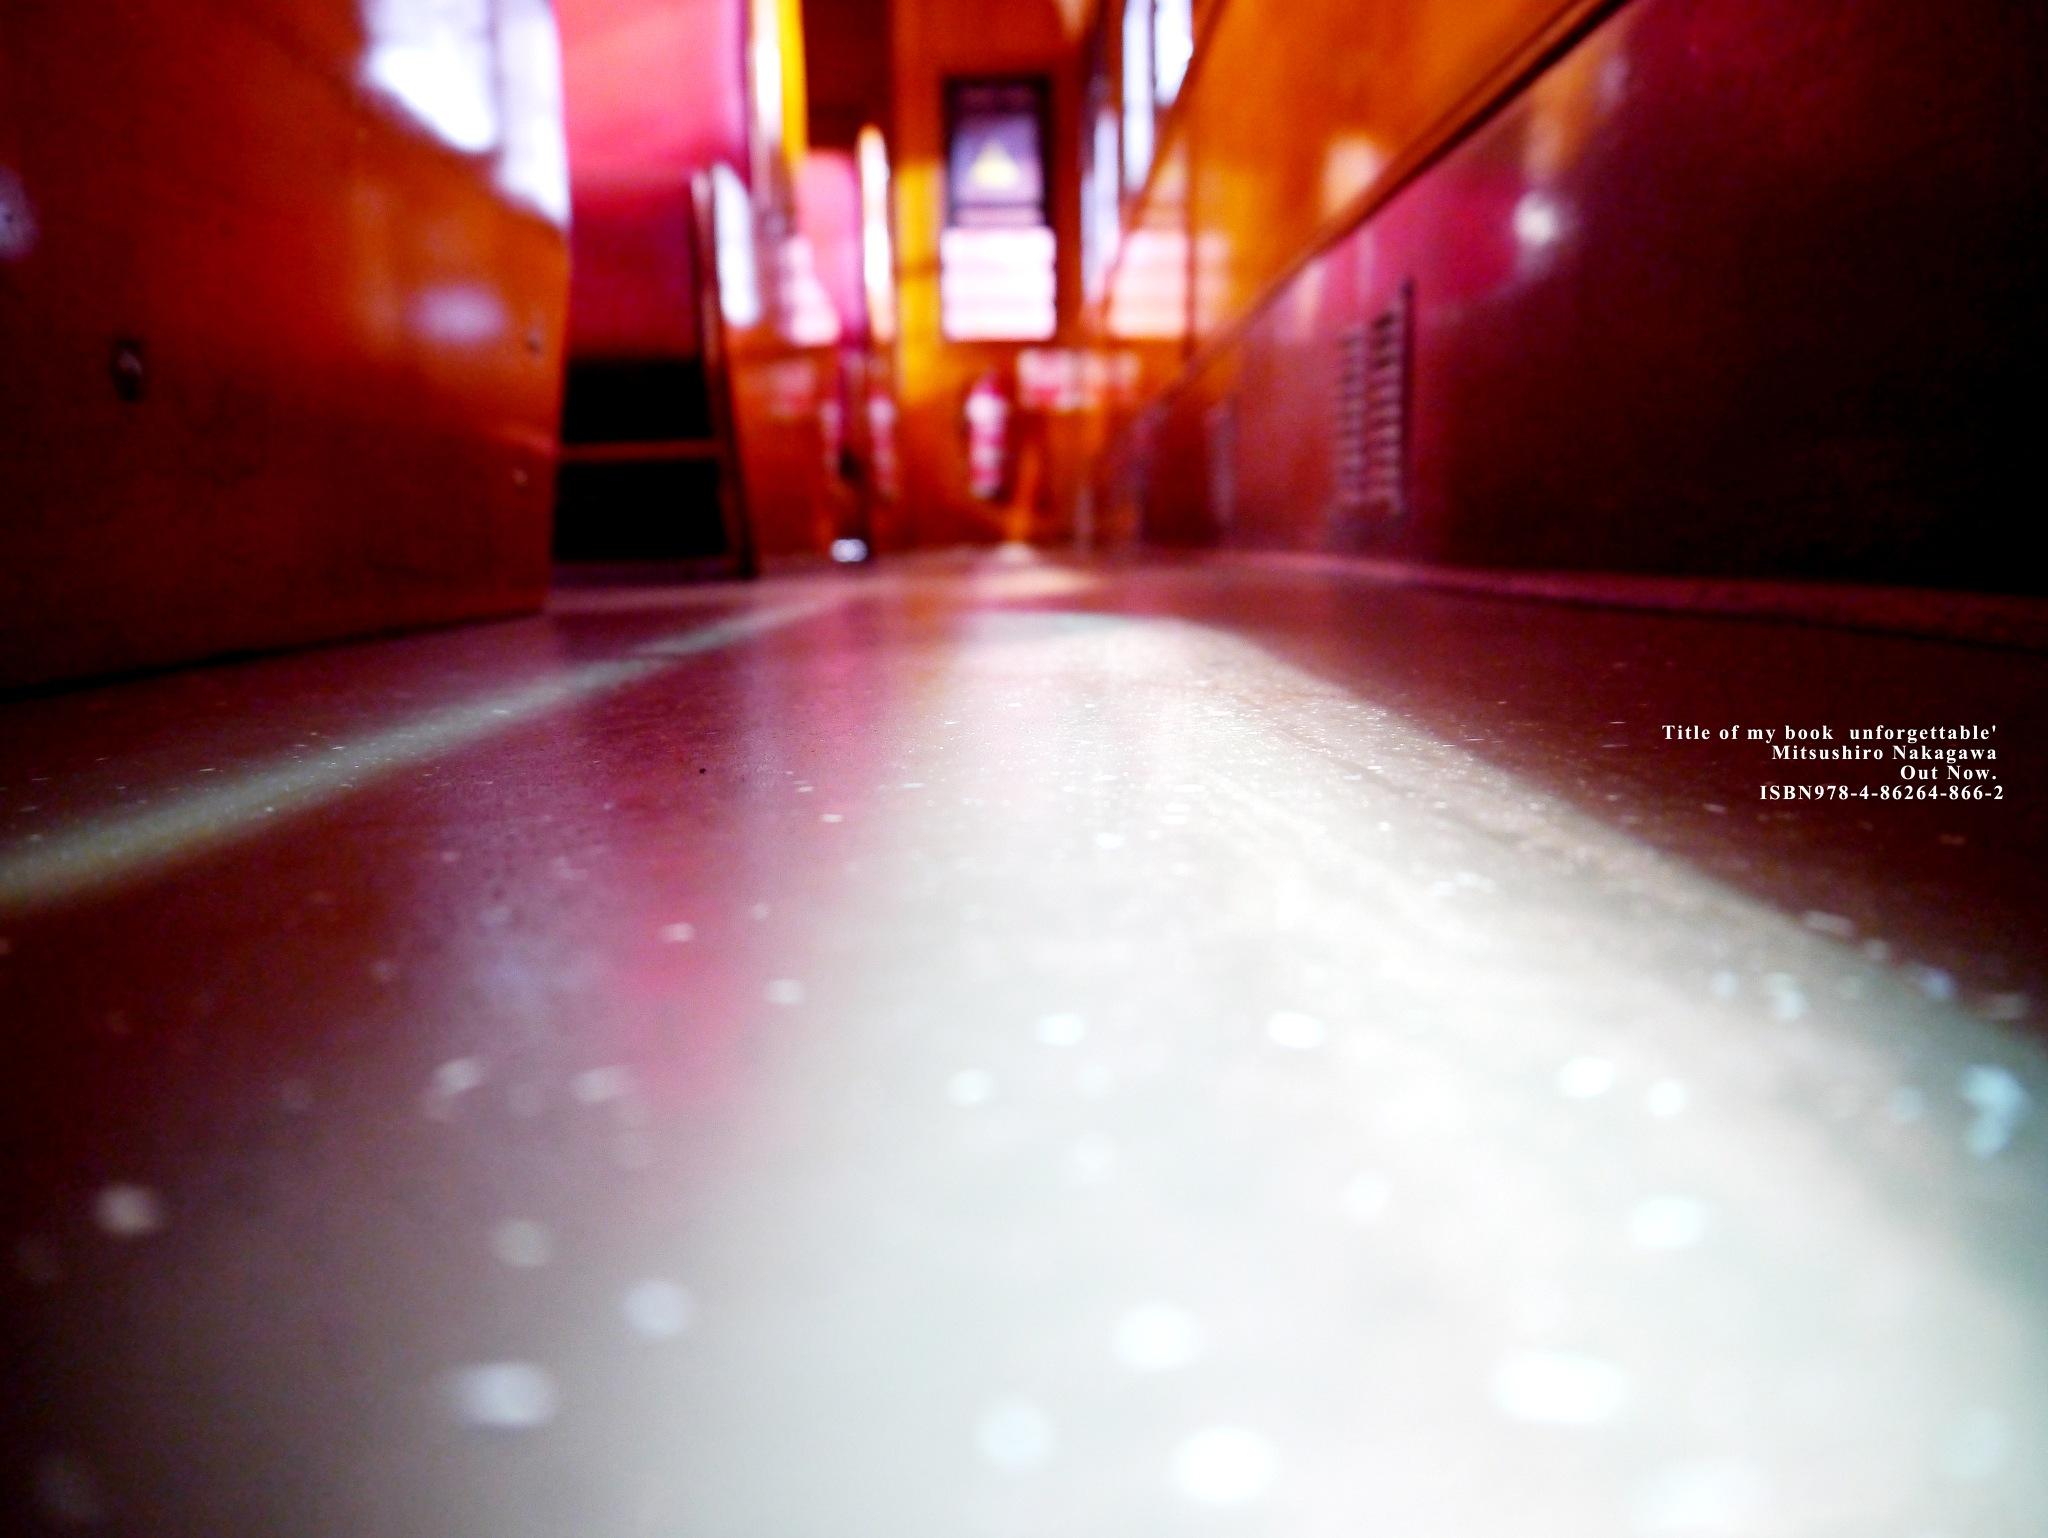 Floor of the vehicle. by Mitsushiro Nakagawa